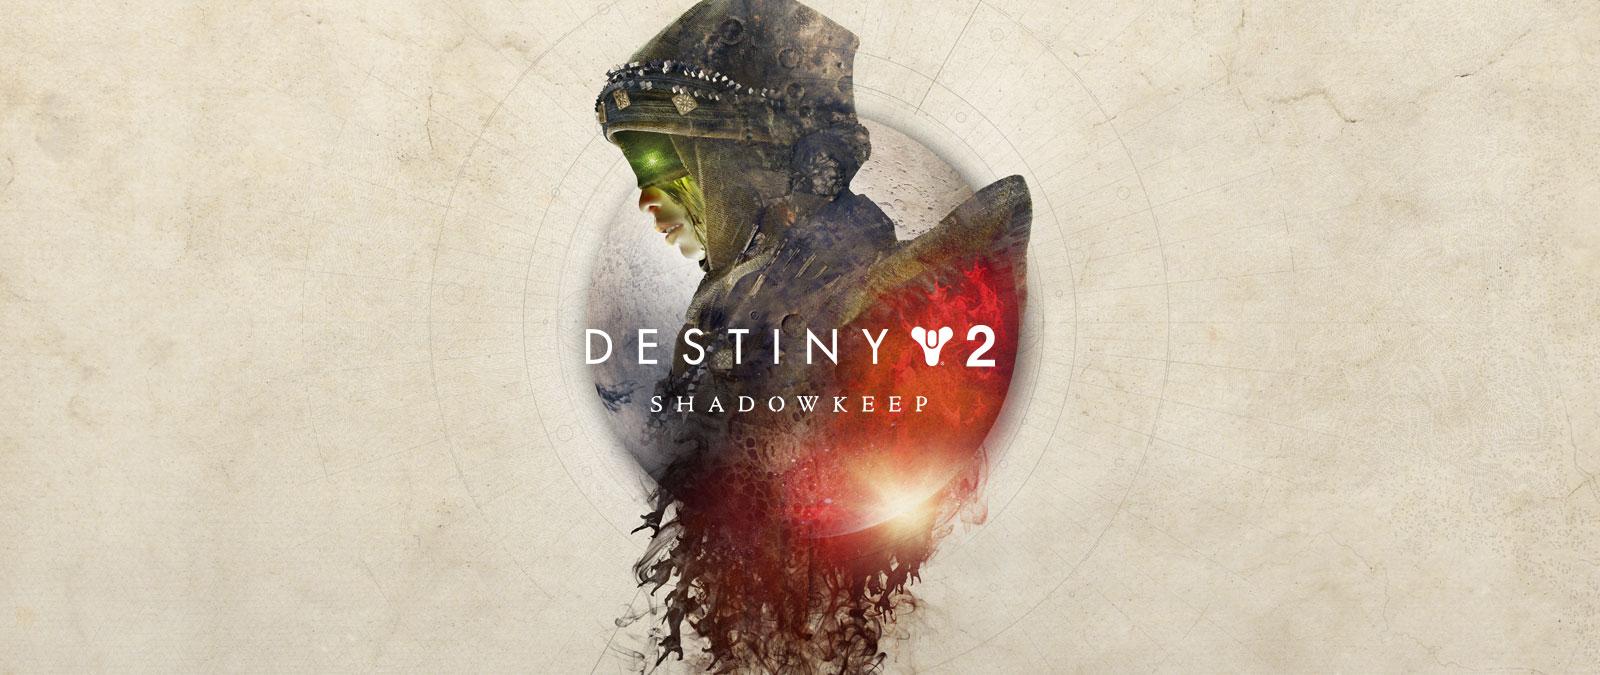 Destiny 2 Bastión de Sombras, vista lateral del torso de Eris Morn y la mitad inferior de la luna